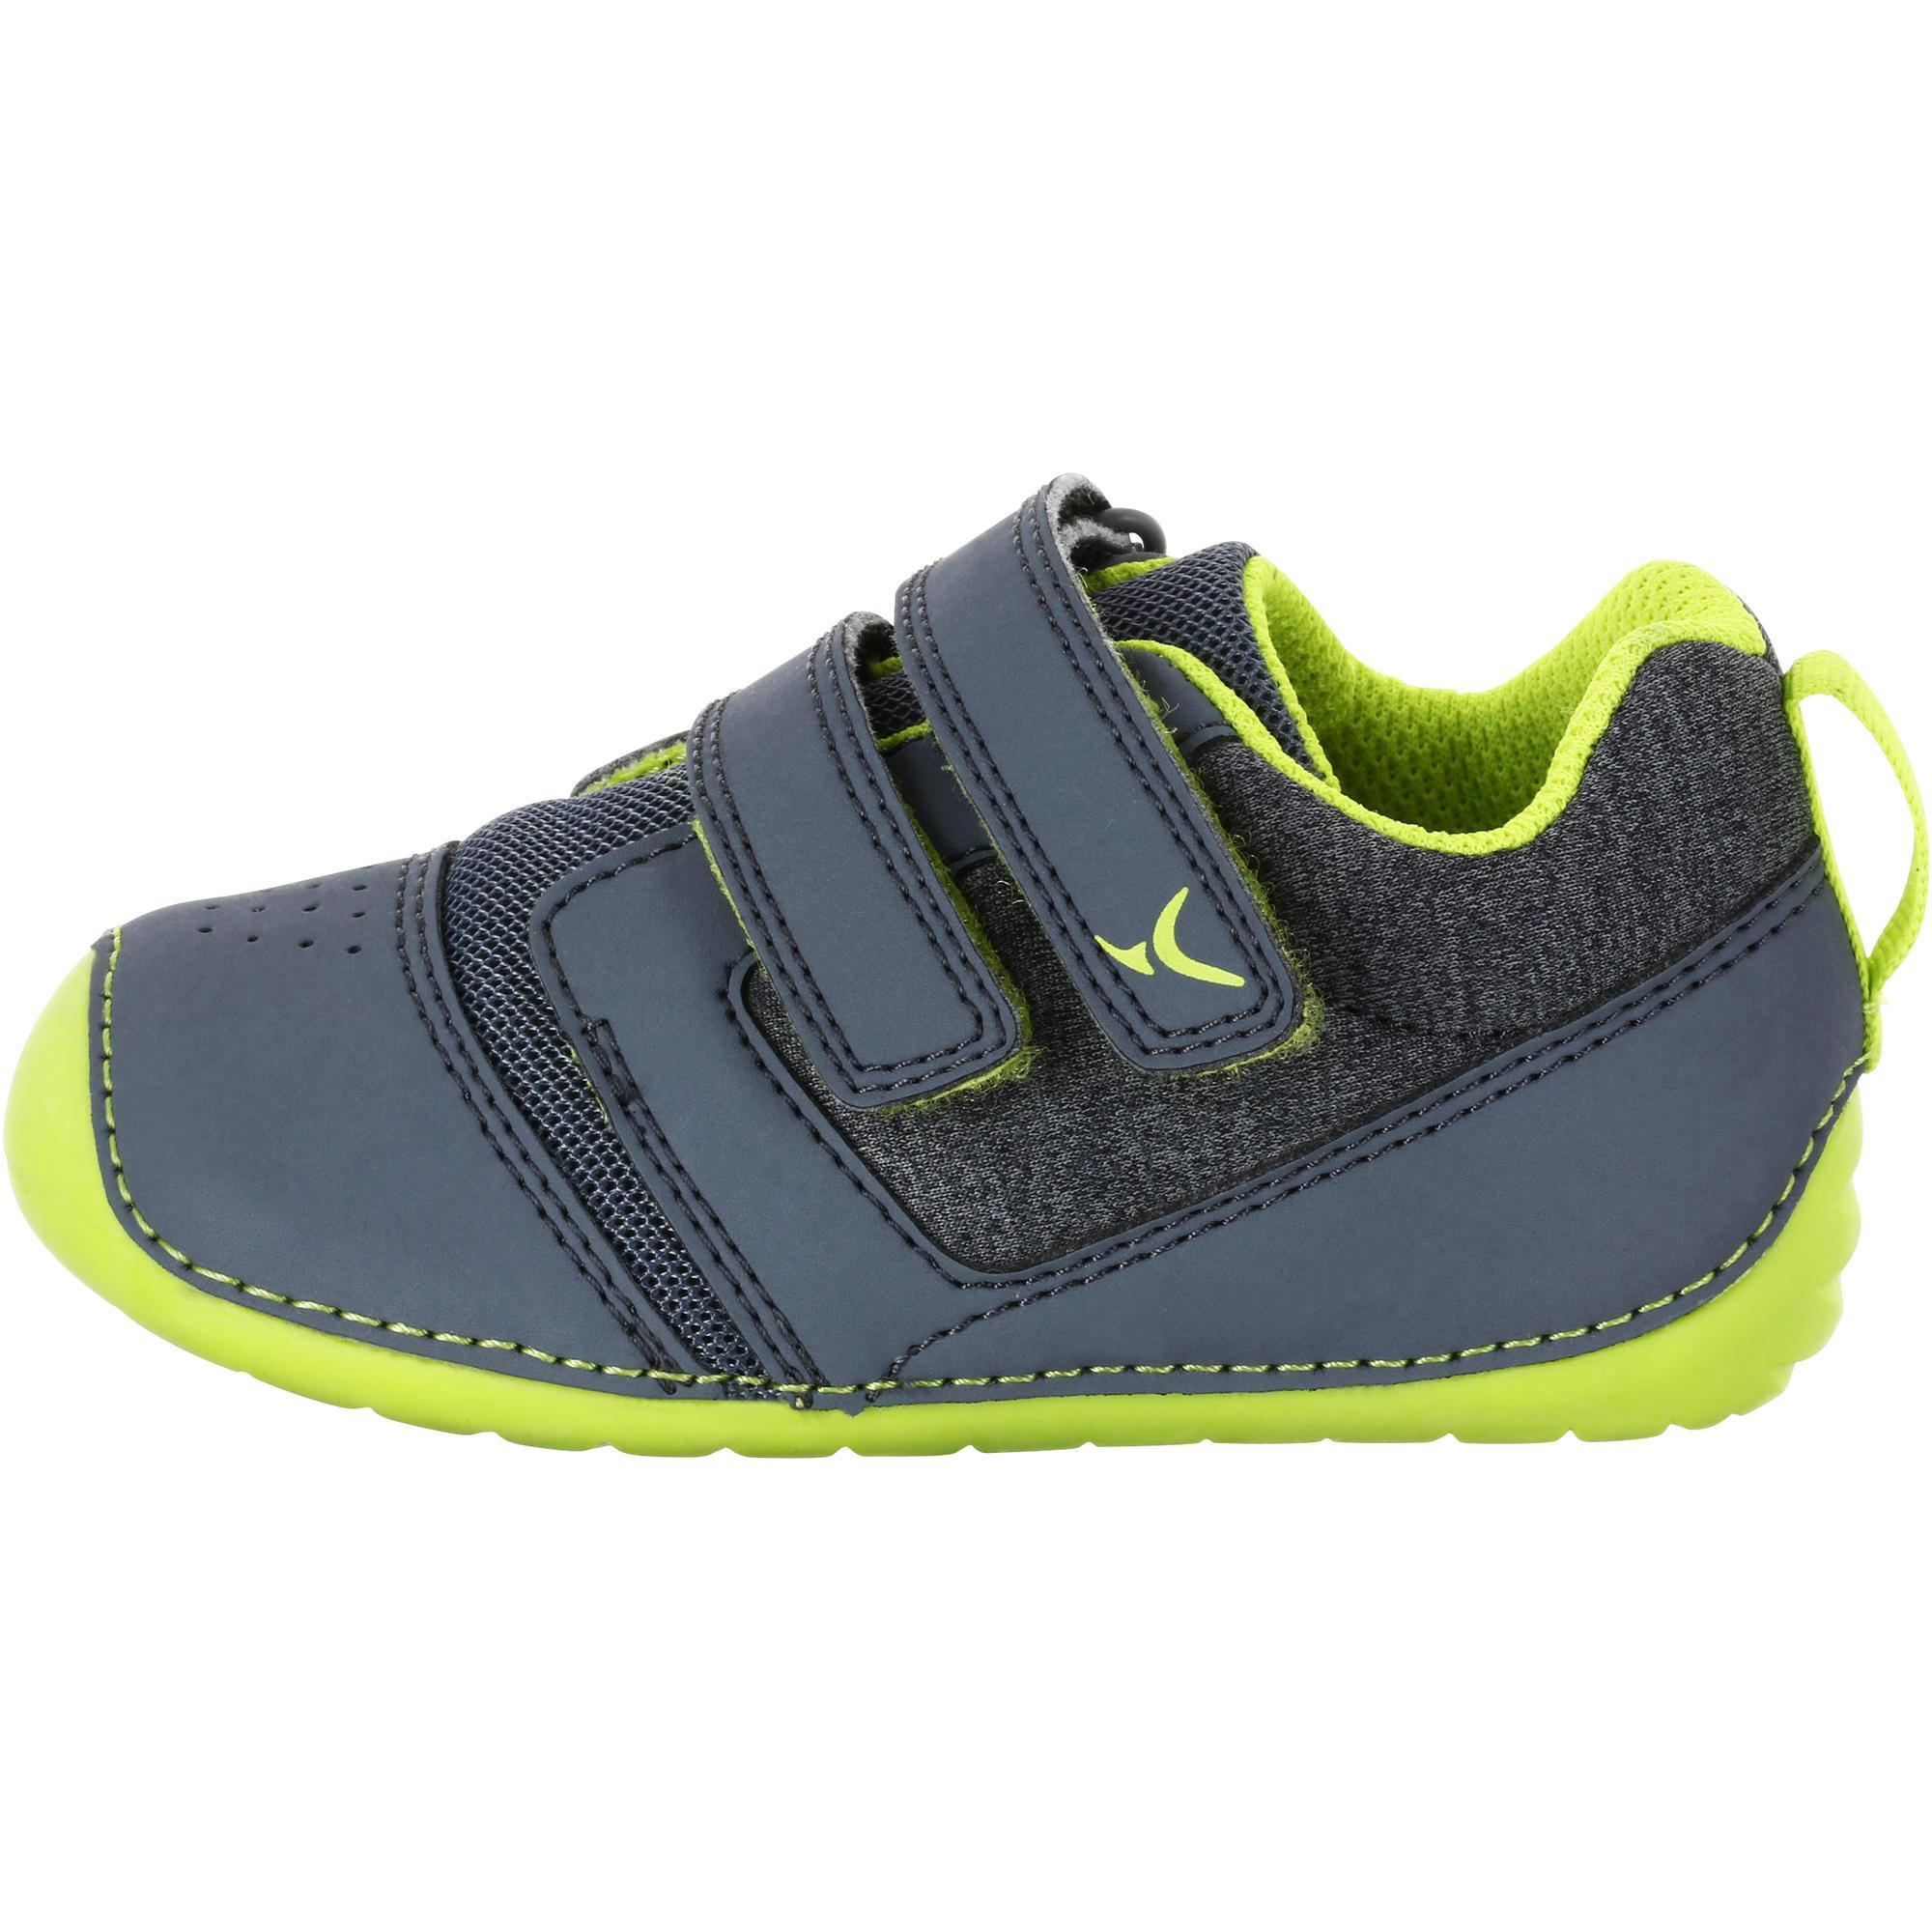 Gym Learn Chaussures Decathlon Domyos I 5SwFqtCx0 d642c7b79df